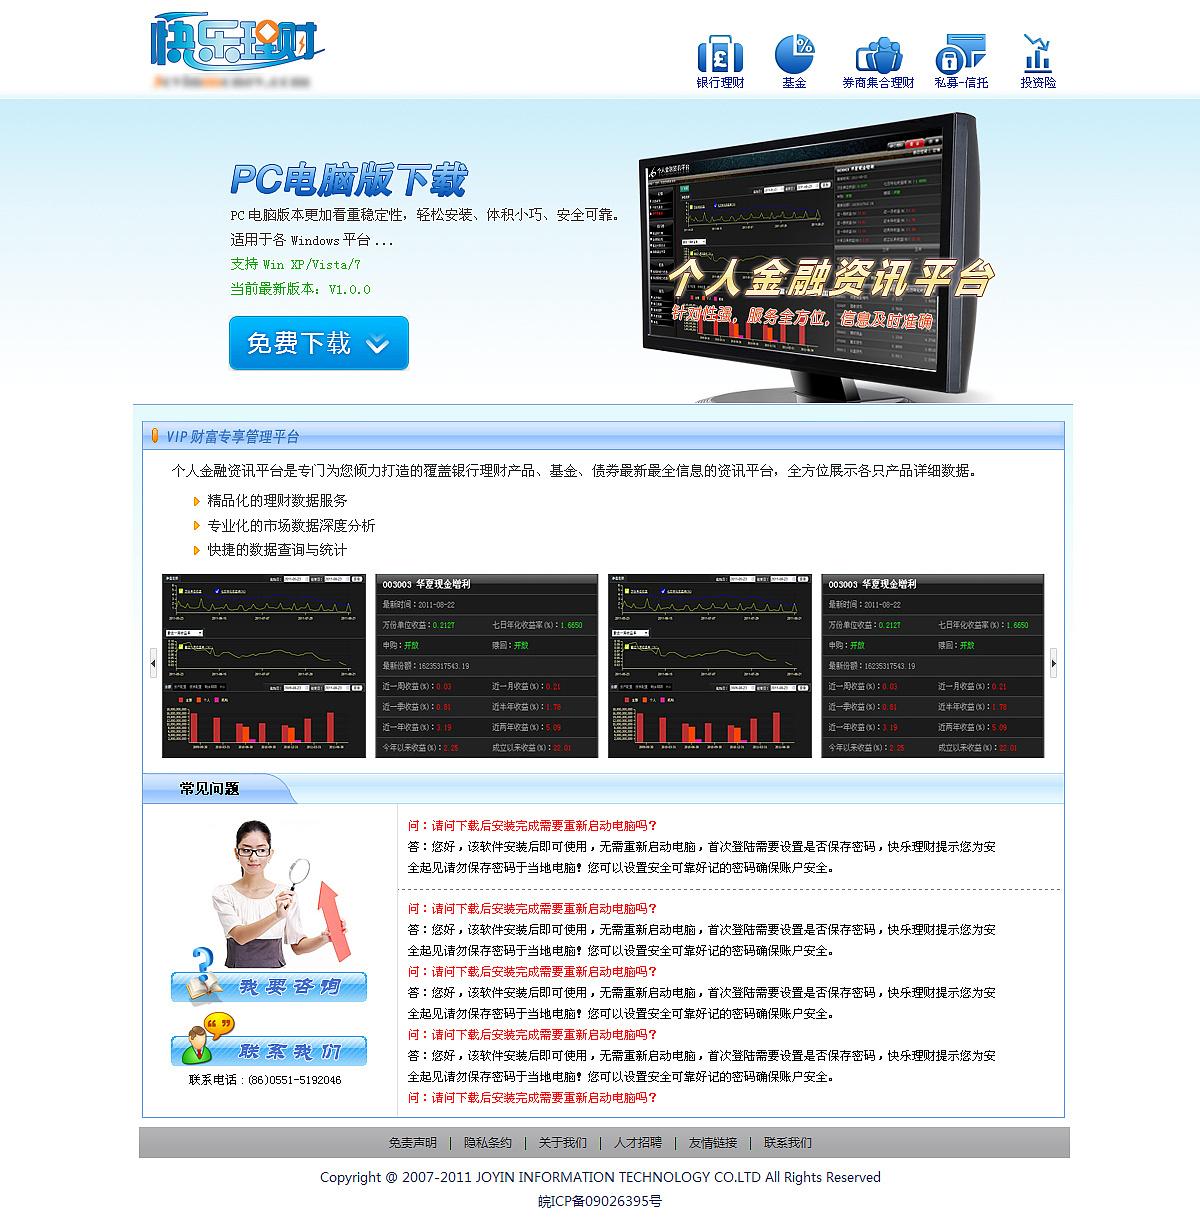 网页入口和下载页面图片